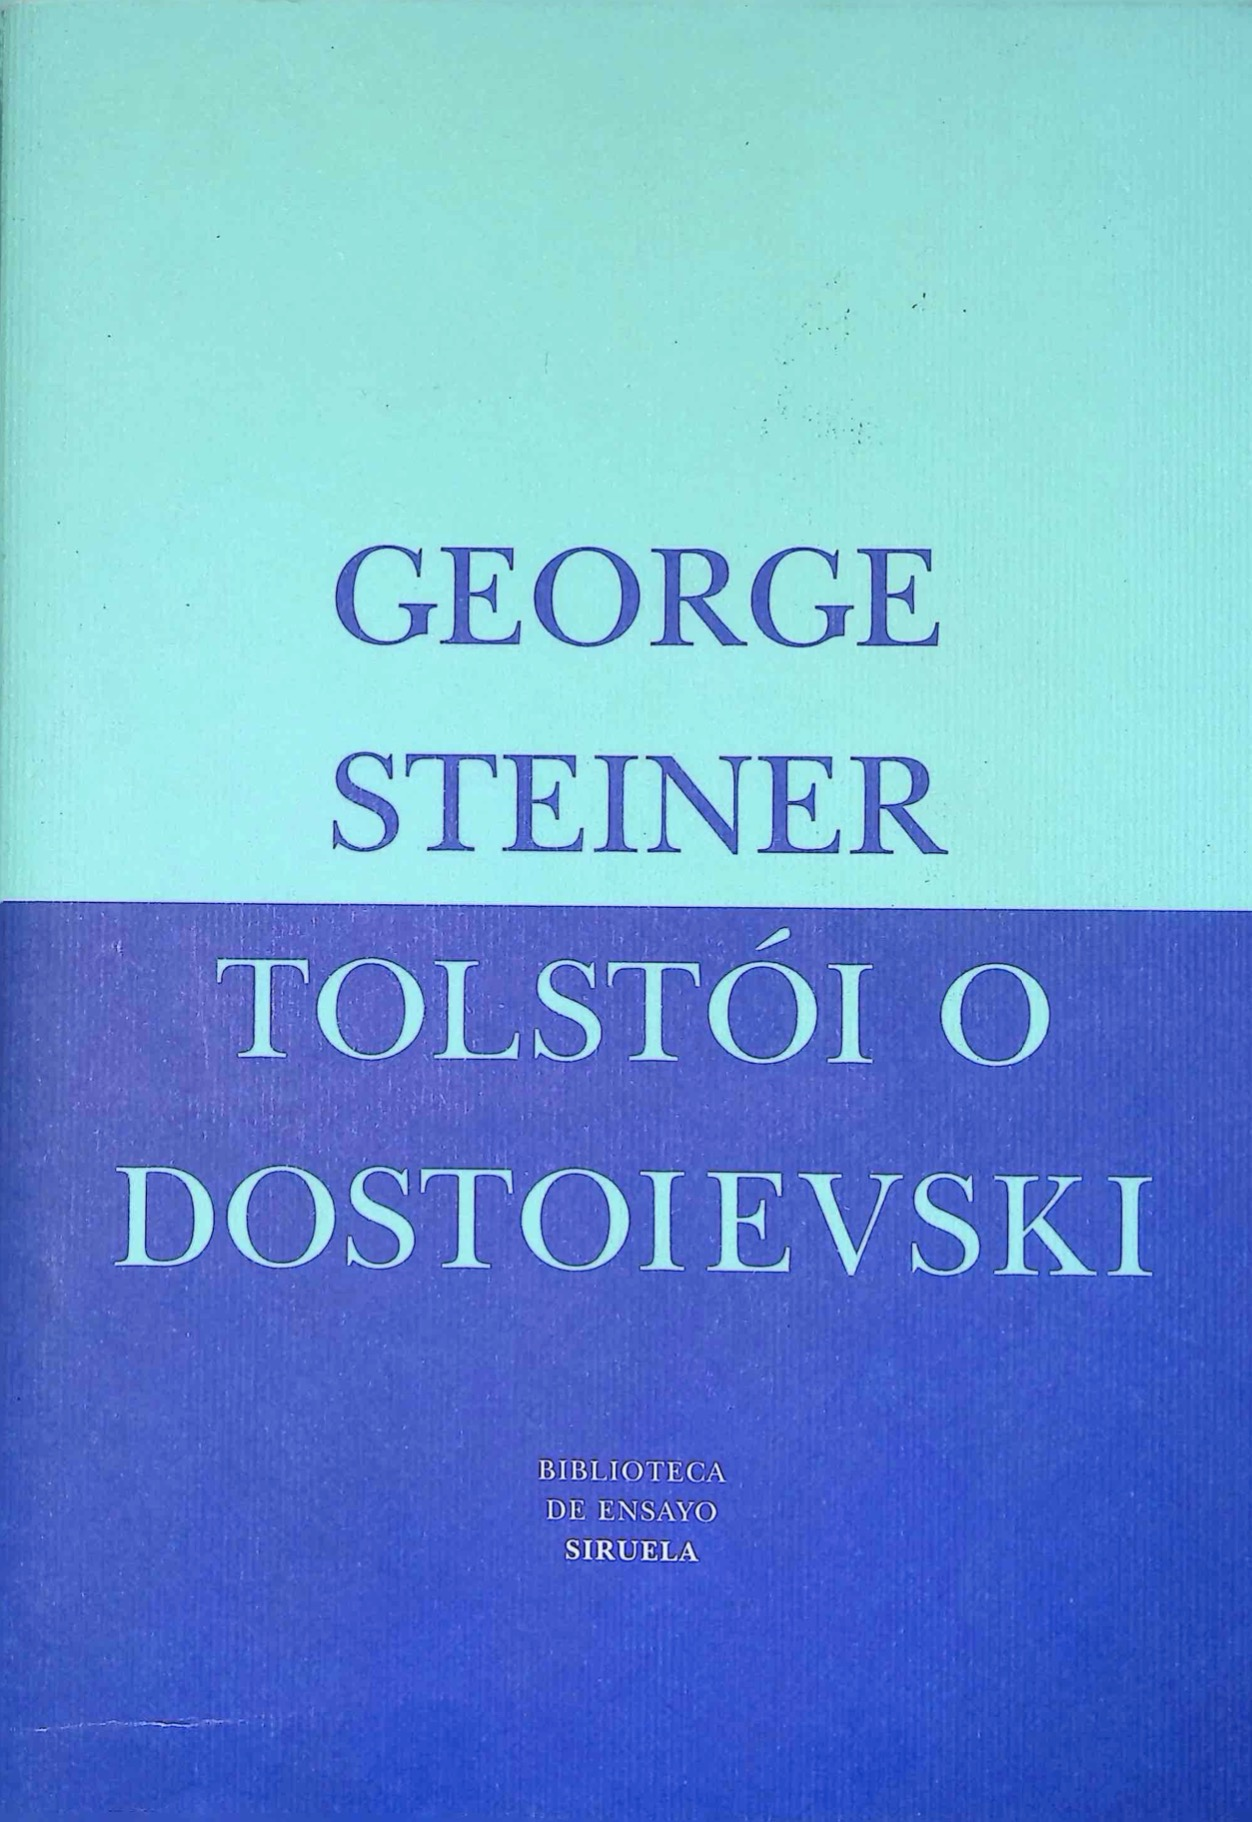 Steiner, George - Tolstói o Dostoievski pdf